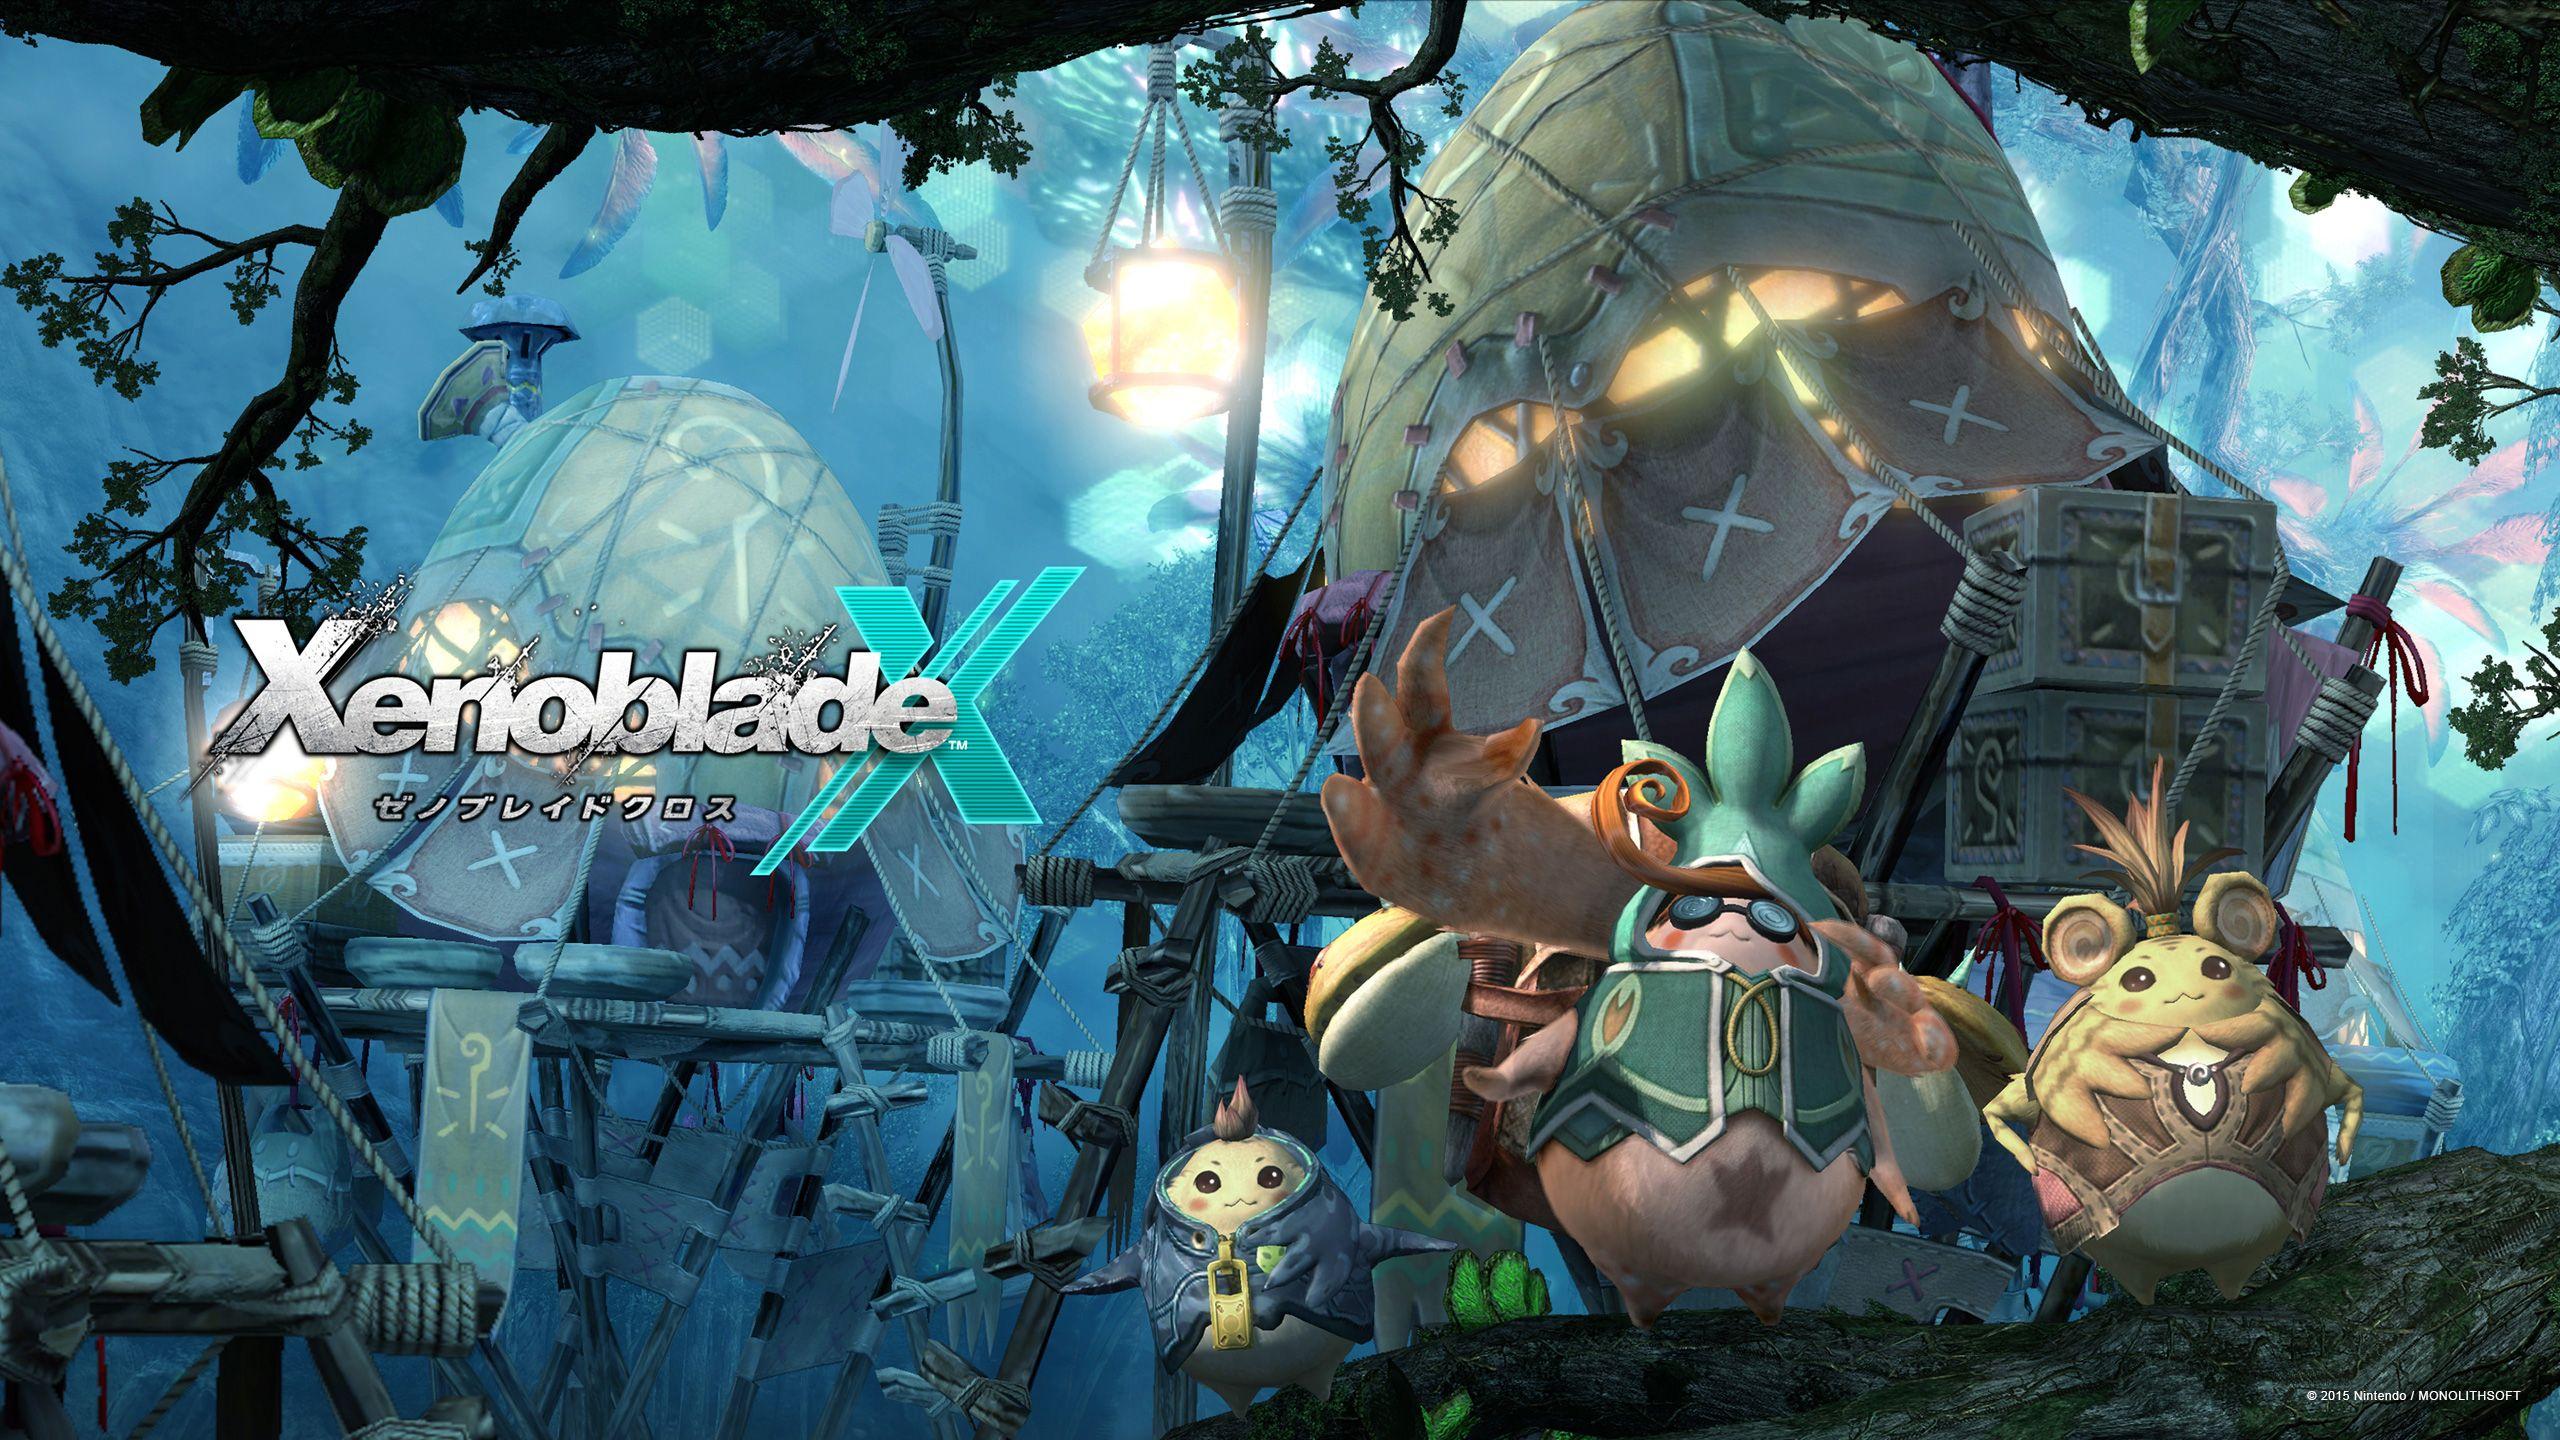 Video Game Xenoblade Chronicles X Wallpaper Xenoblade Chronicles